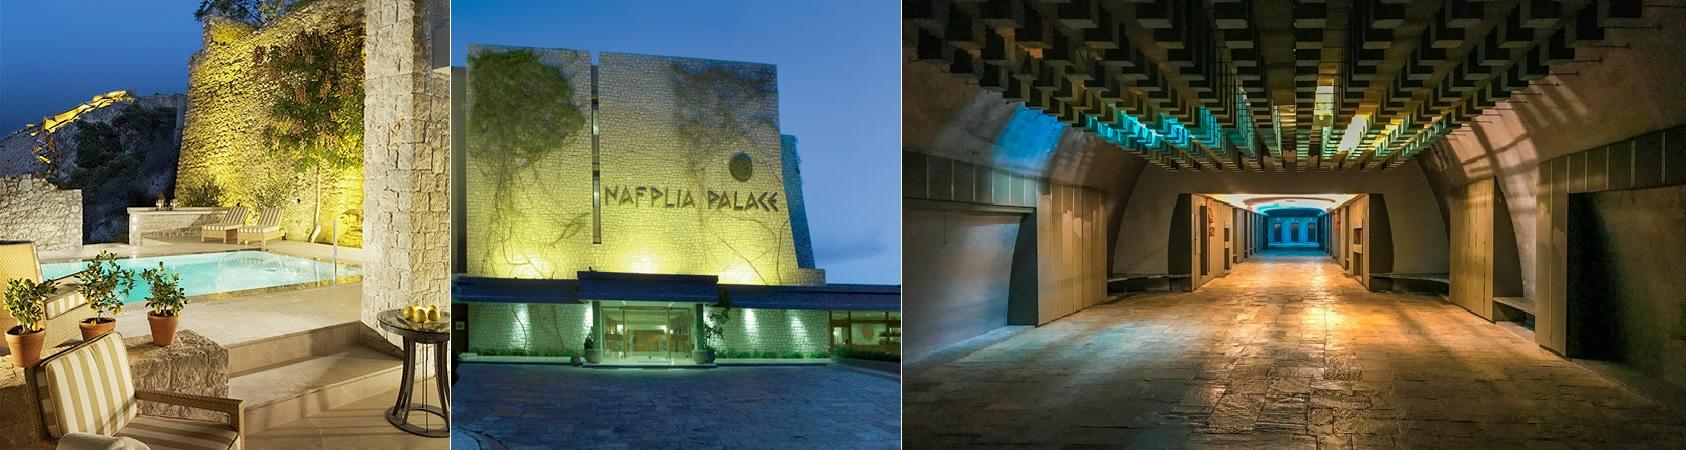 Nafplia Palace und seine James Bond - Dr. No Erscheinung